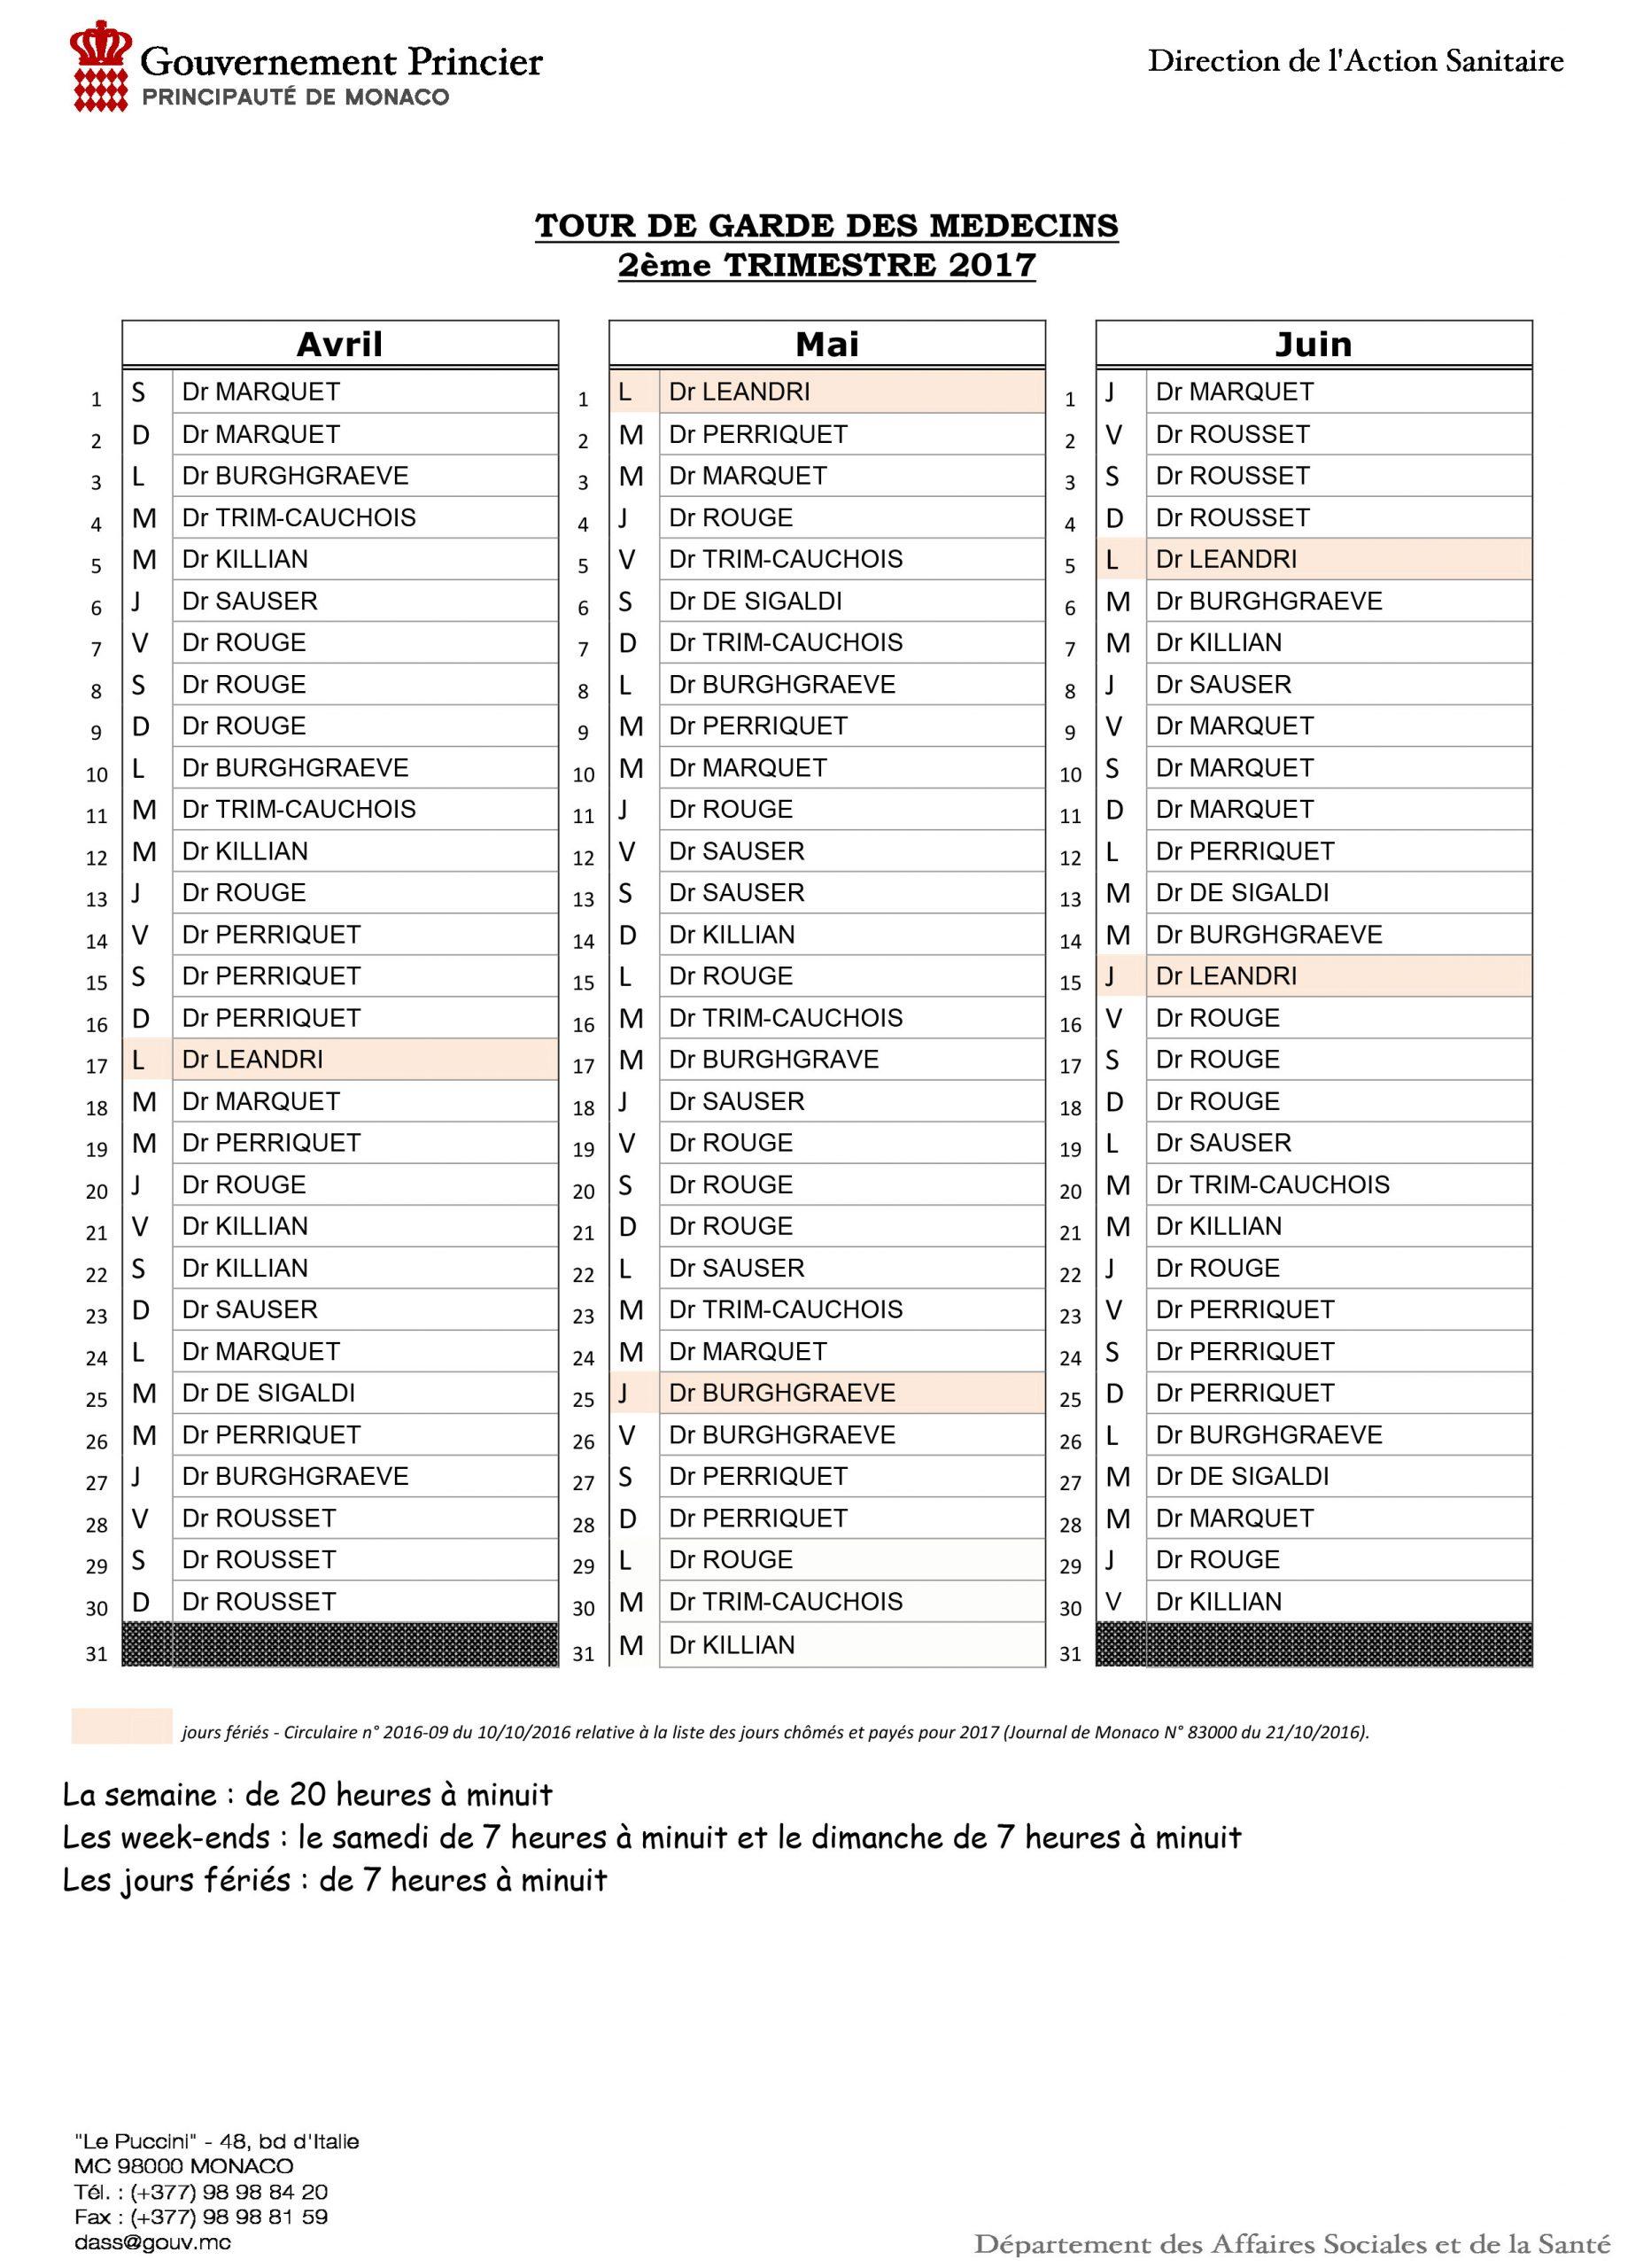 Tableau Tour De Garde Médecins 2Ème Trimestre 2017 - Chpg concernant Tableau Des Départements Français